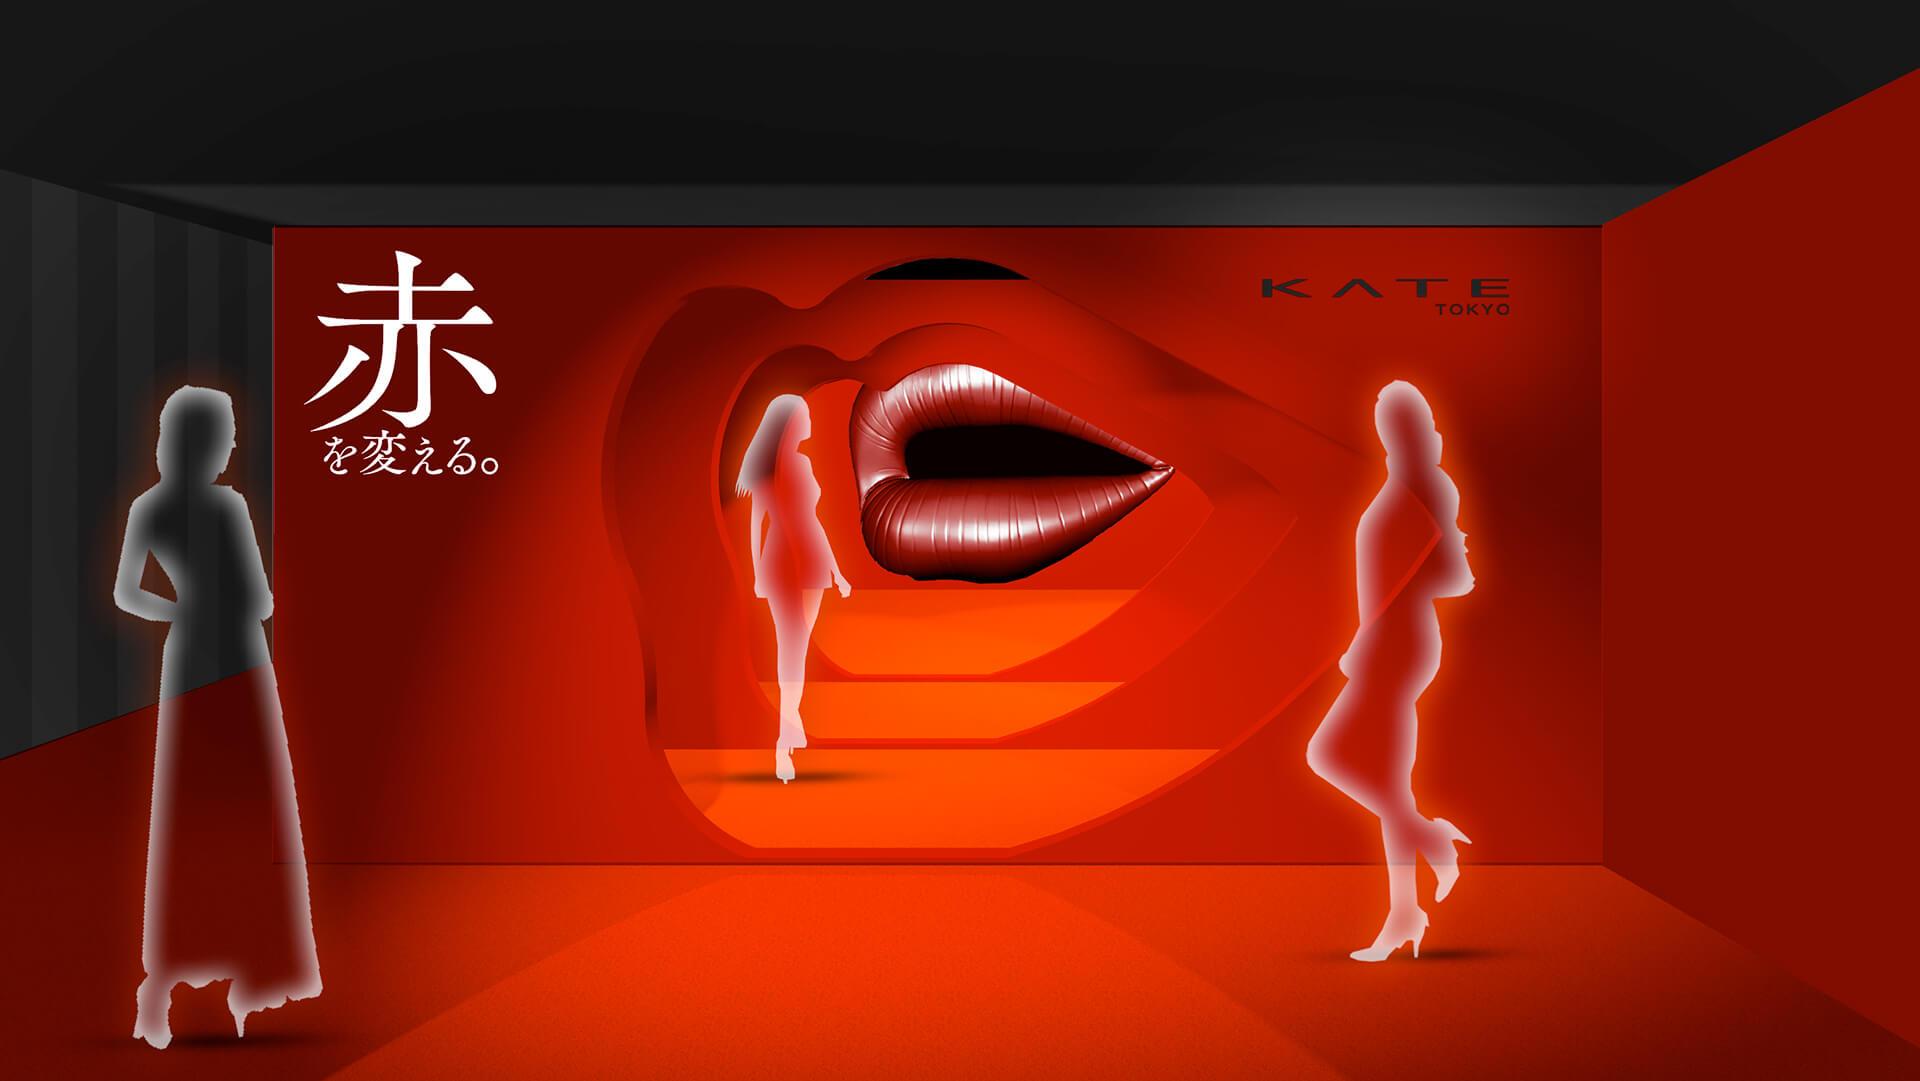 「真実の唇。」展・バナー